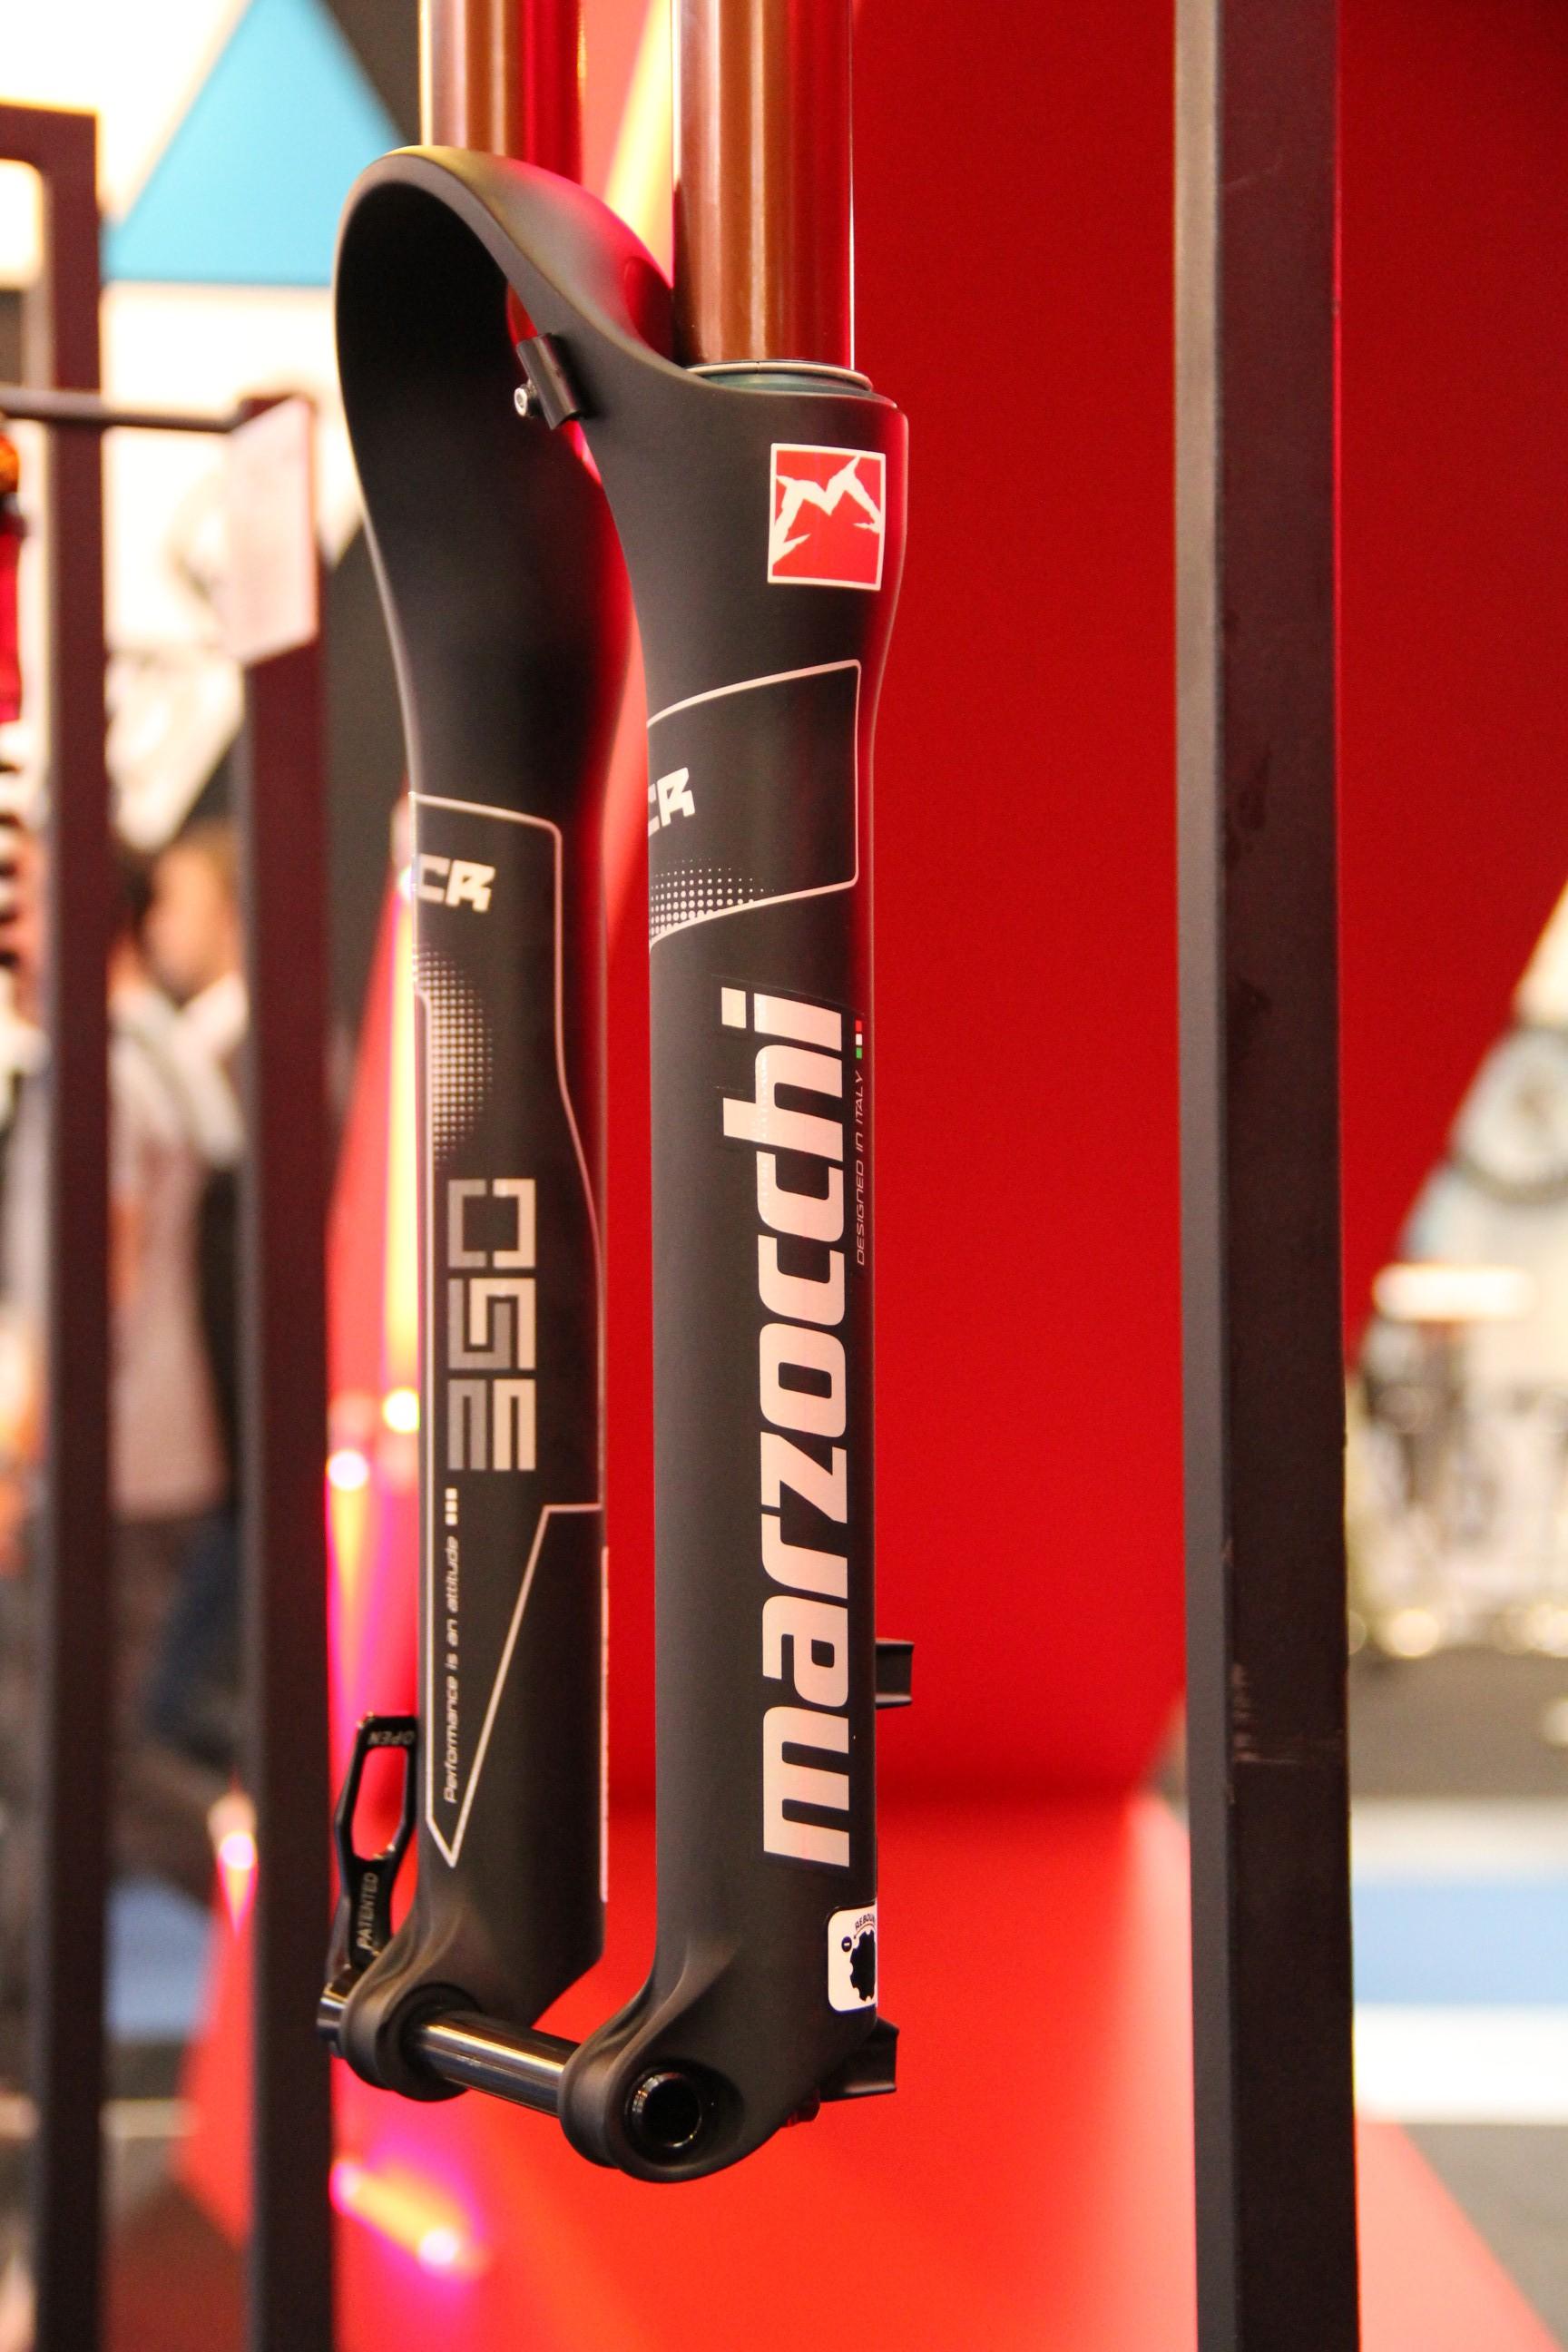 Marzocchi 350 NCR, 160mm Enduro-Luftgabel mit Lockout der Druckstufe, 650B, 35mm Standrohr, mit Espresso Coating, Gewicht: 1920 Gramm, 959 Euro